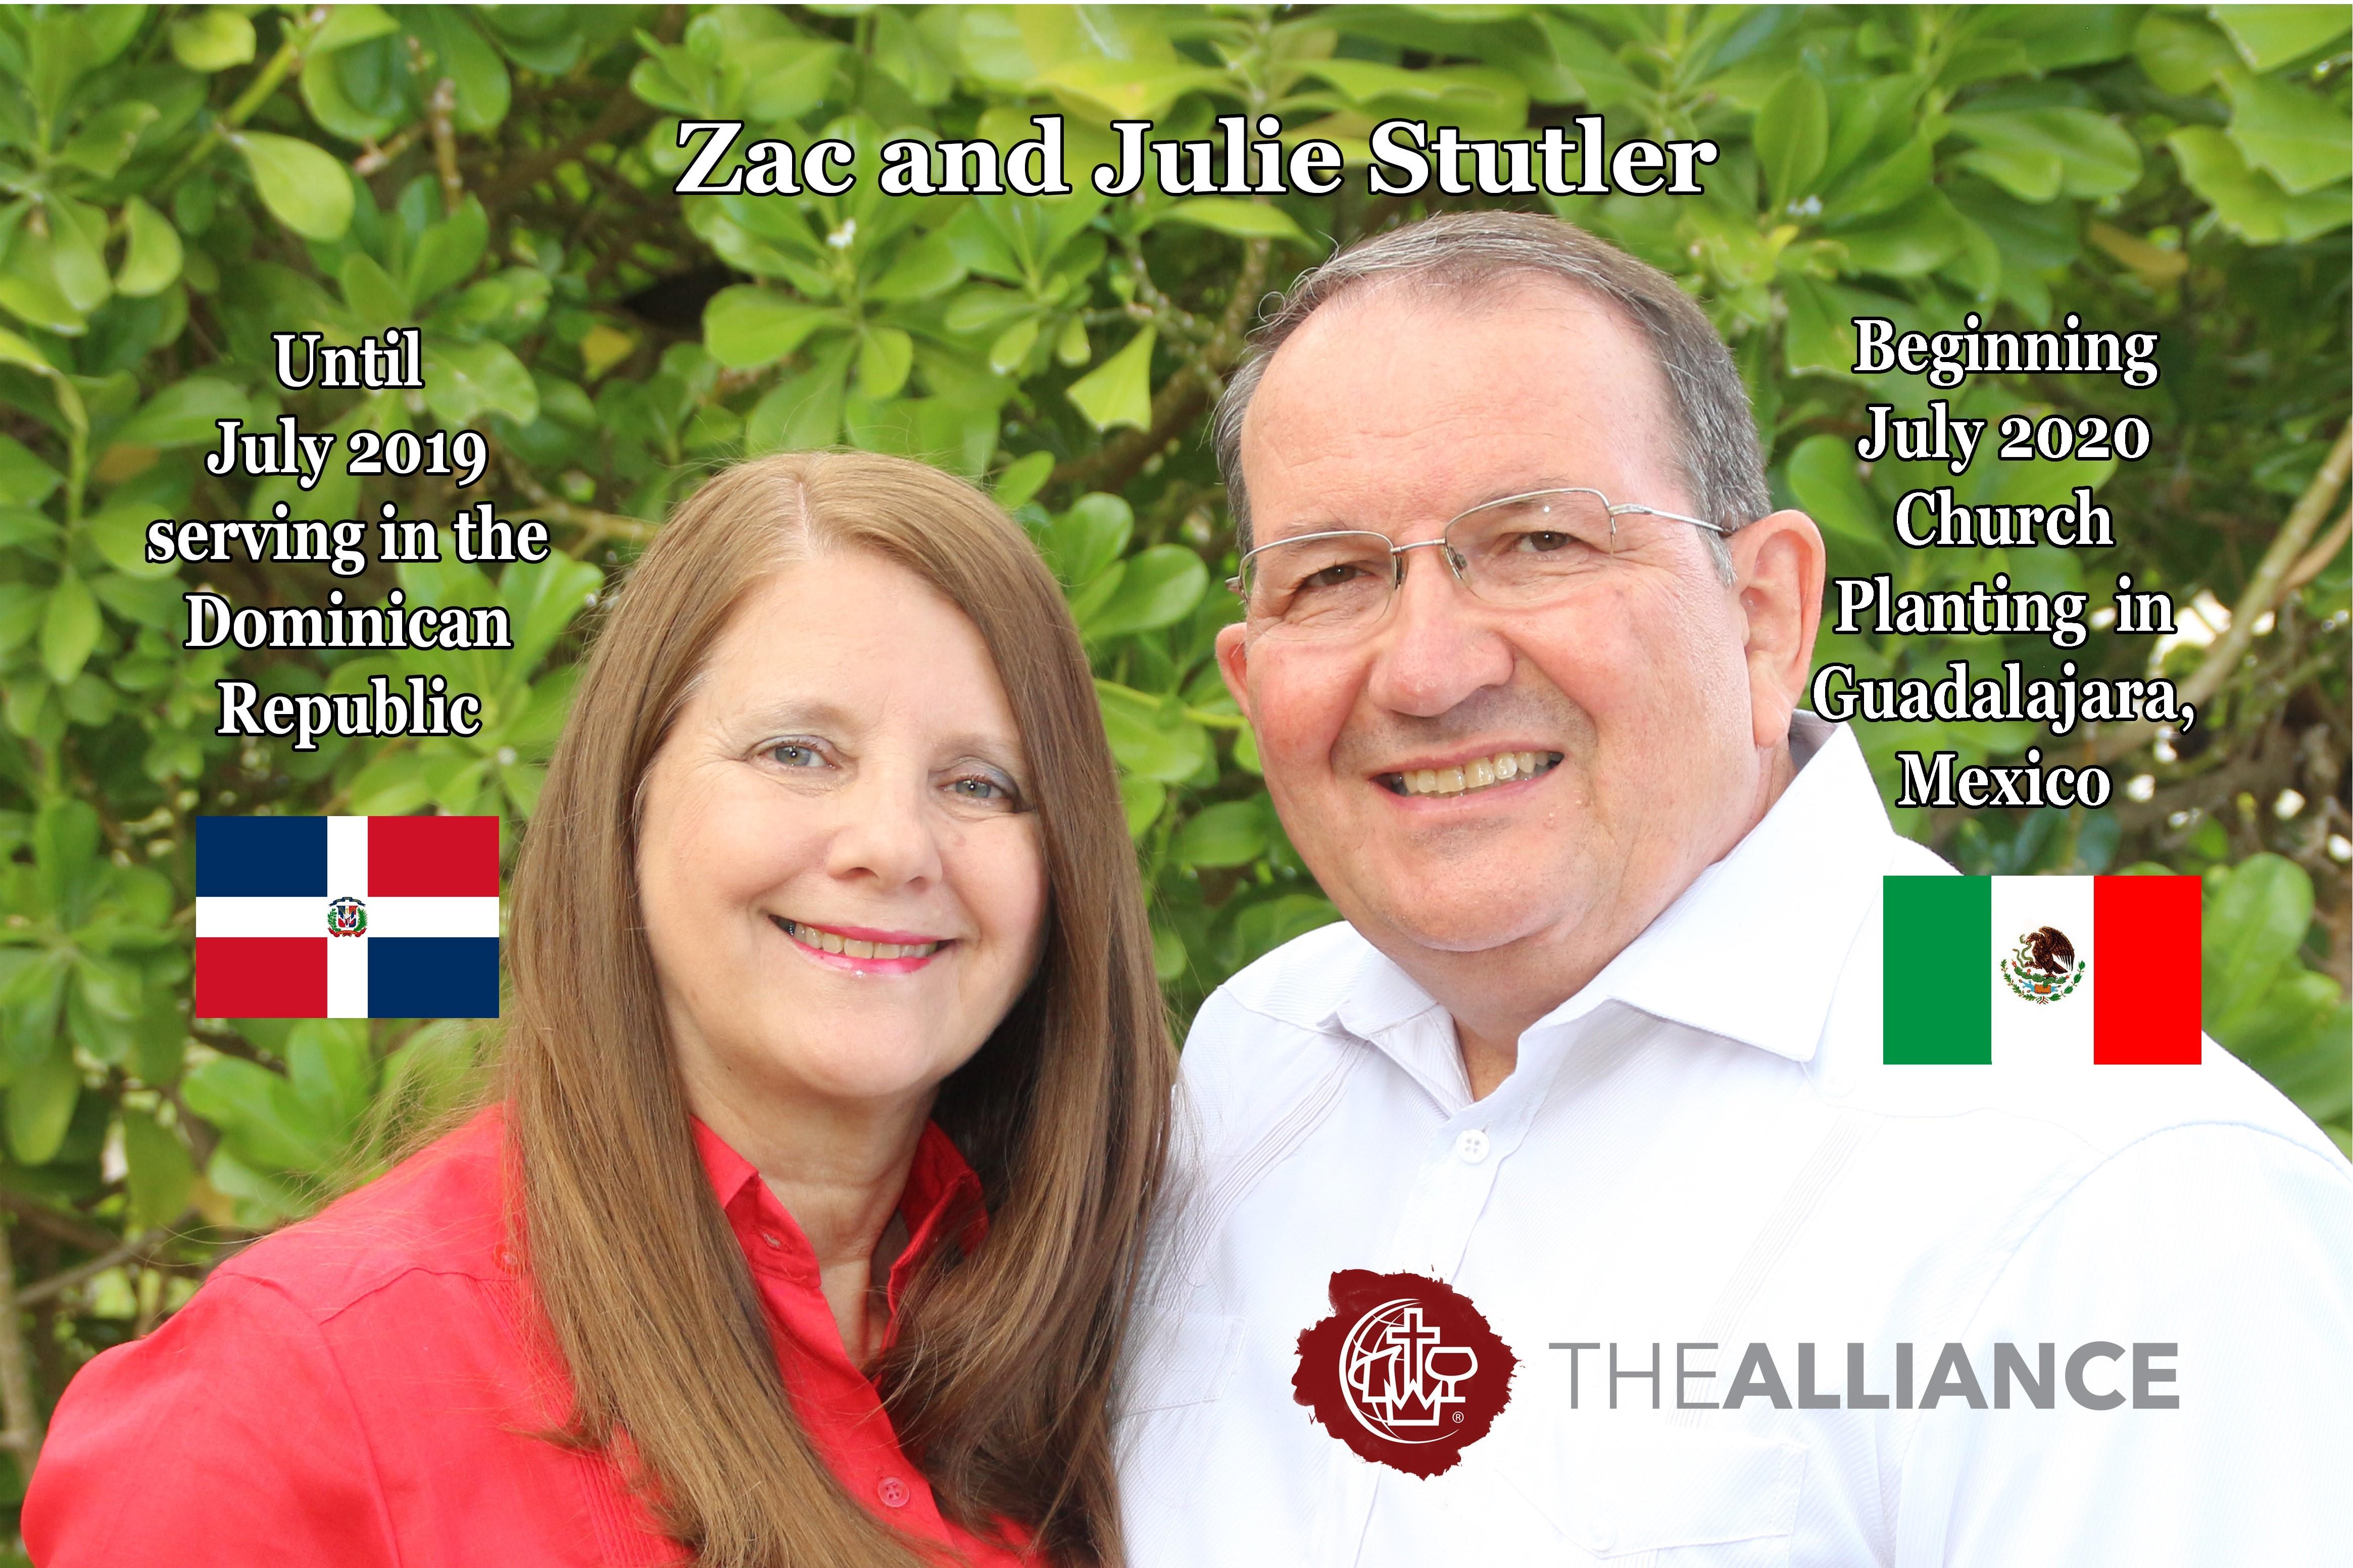 Zac and Julie Stutler Prayer Card 2019